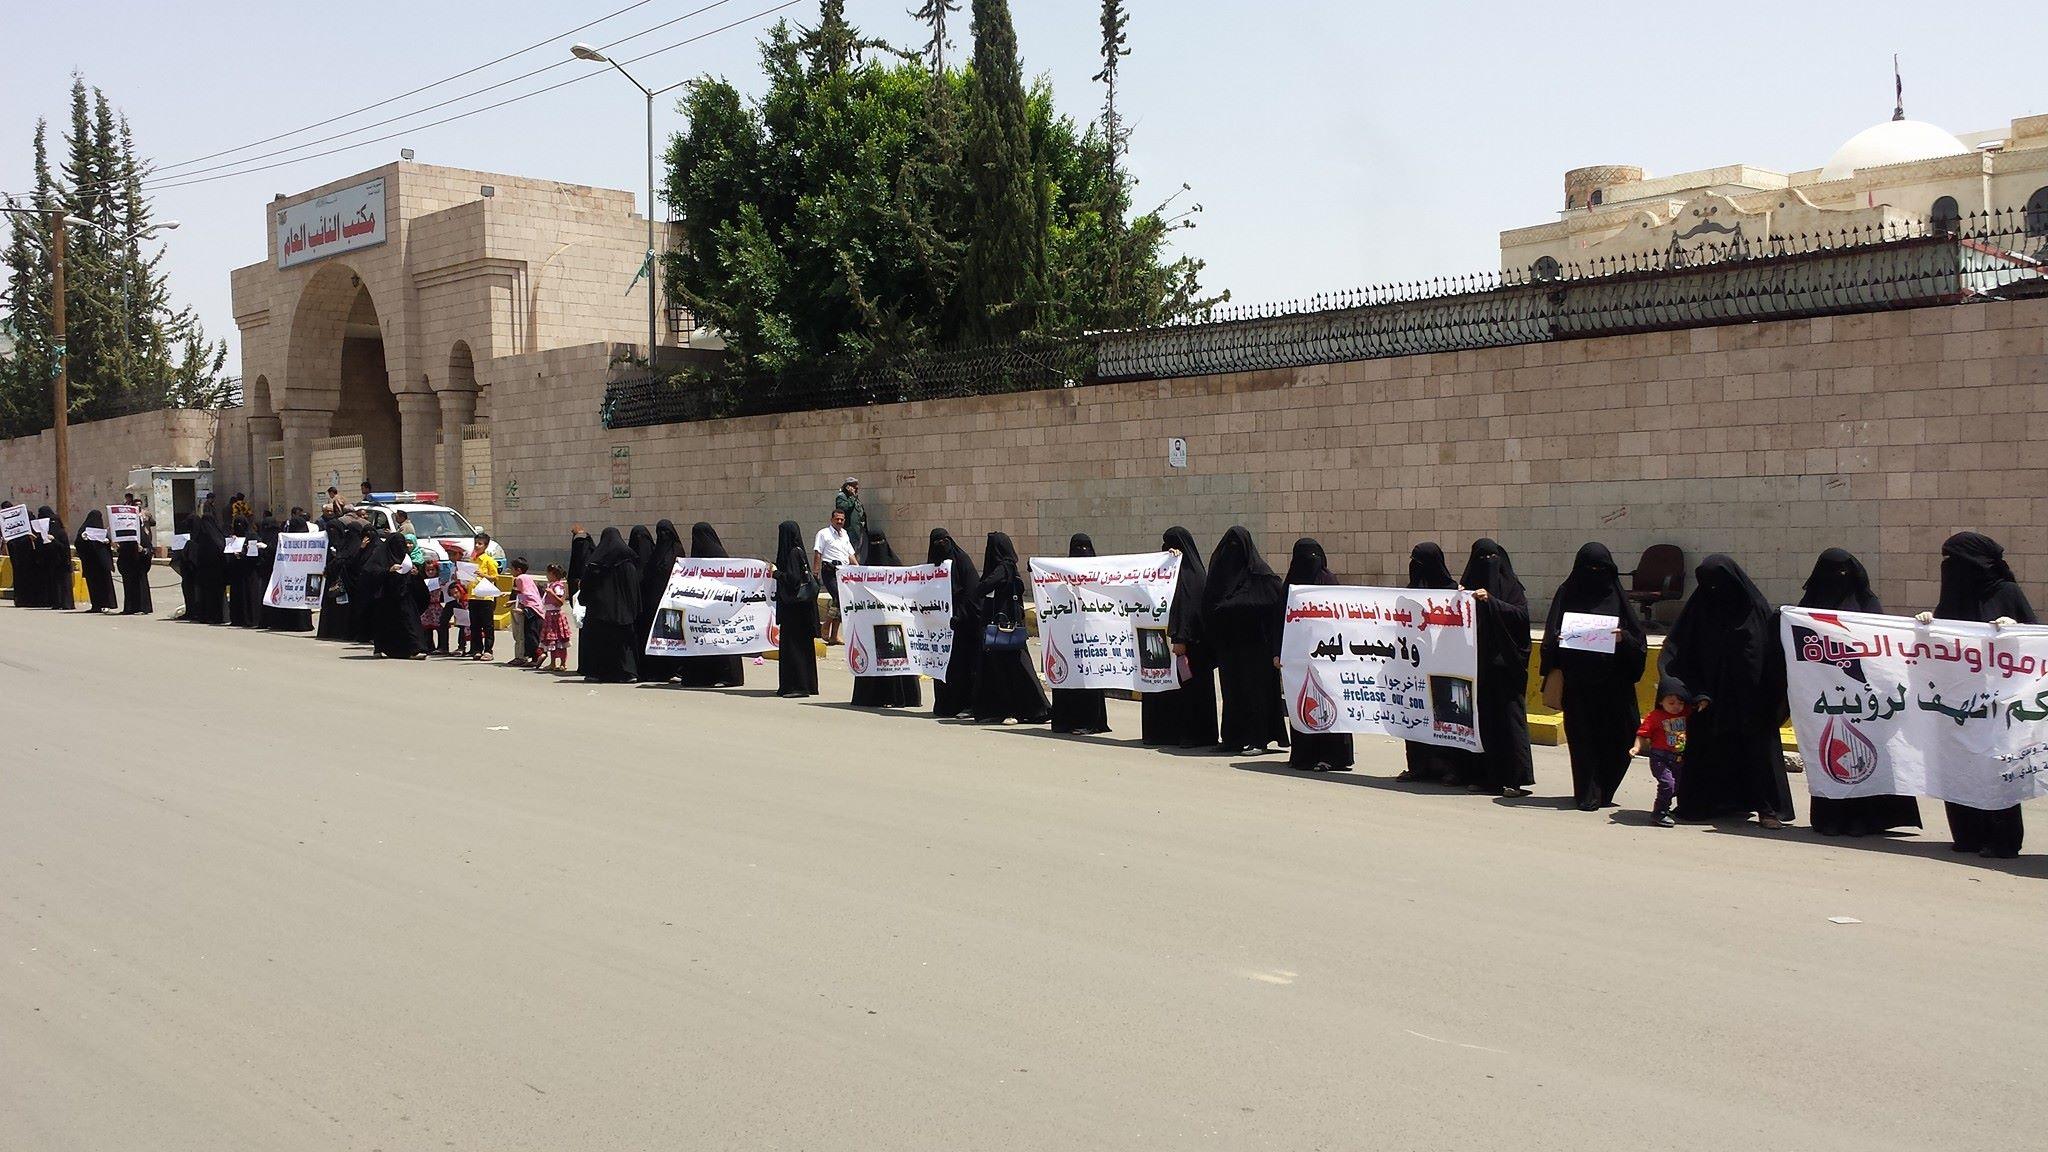 شاهد صور لوقفة احتجاجية لأمهات المختطفين في صنعاء